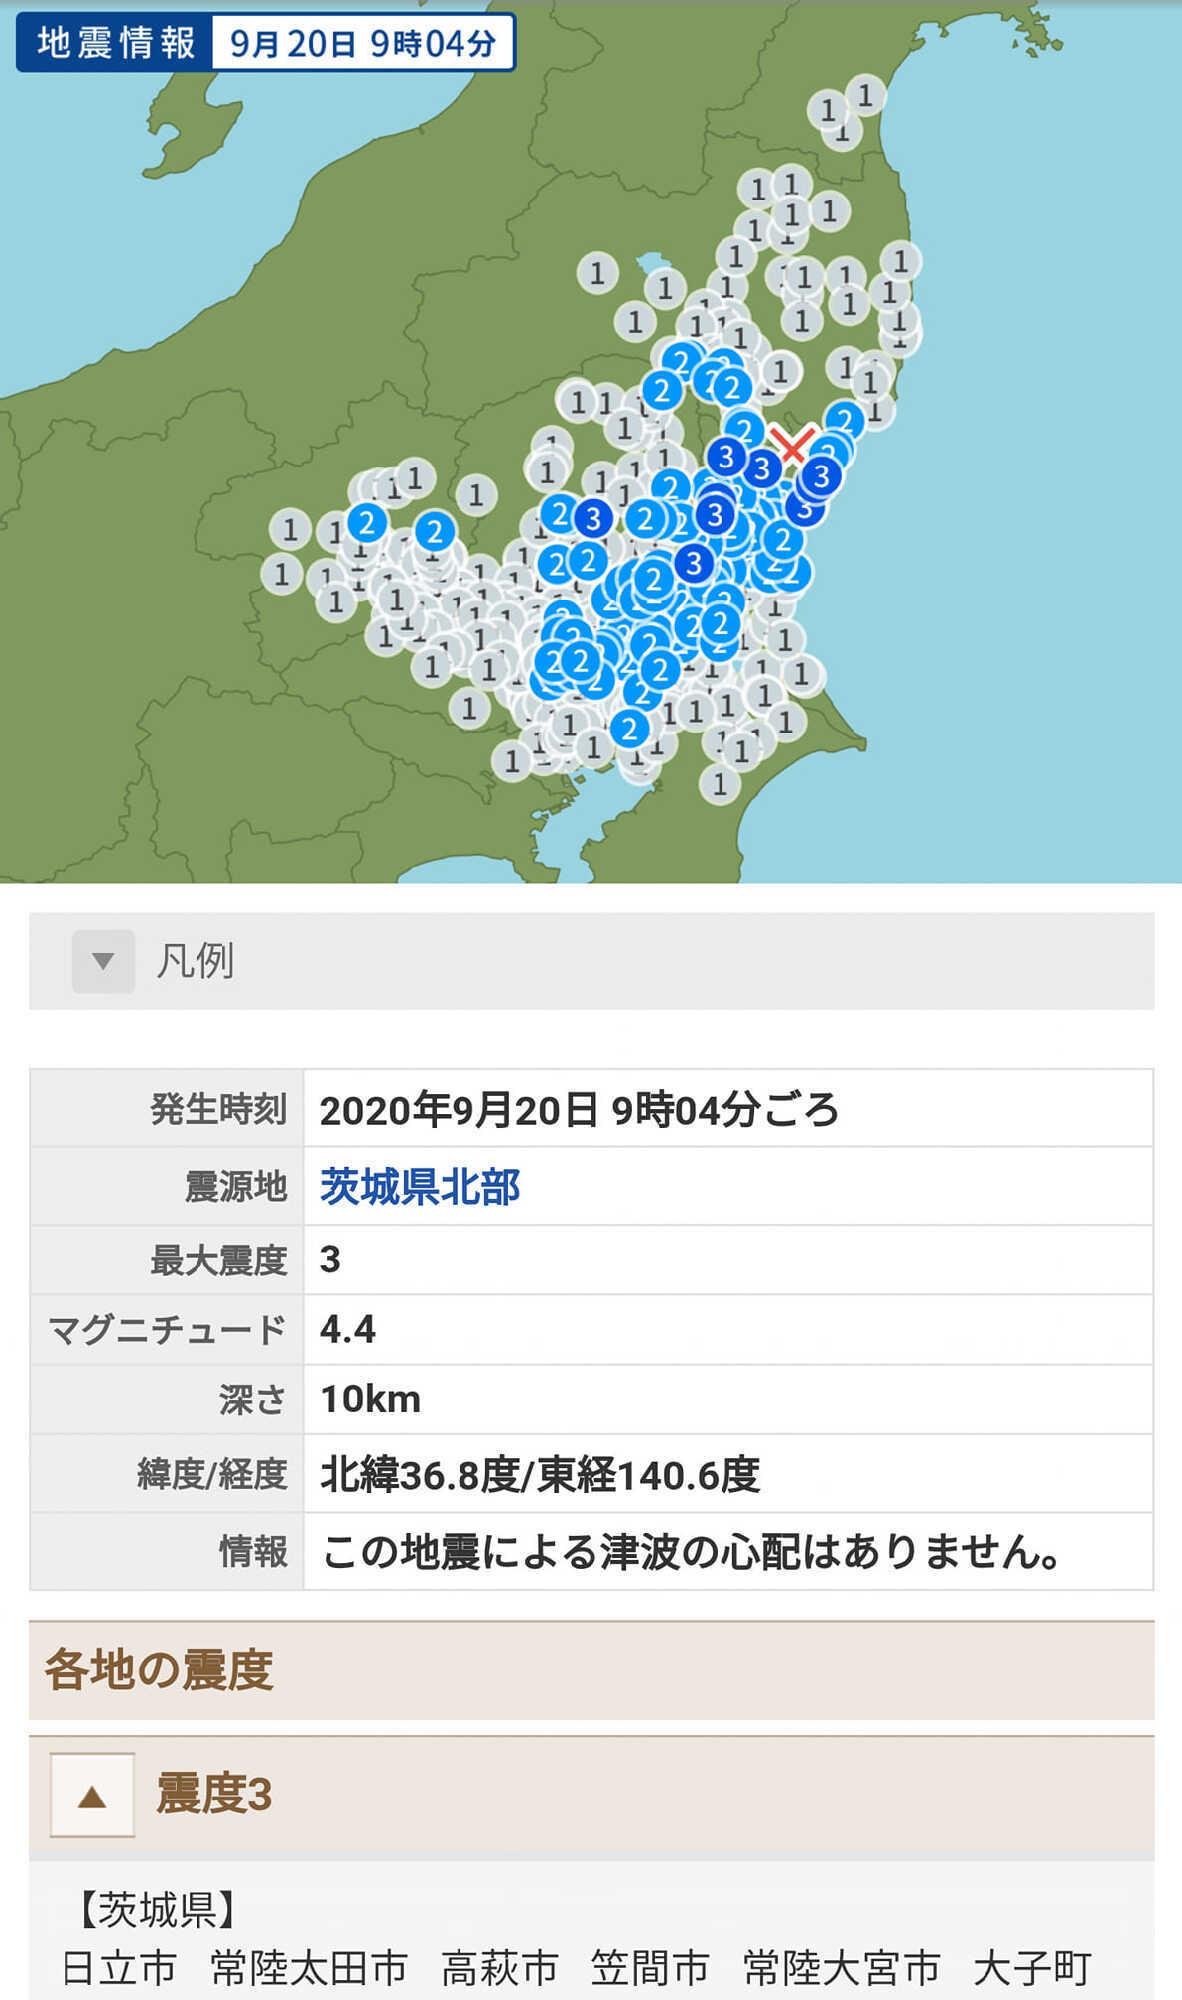 予知 地震